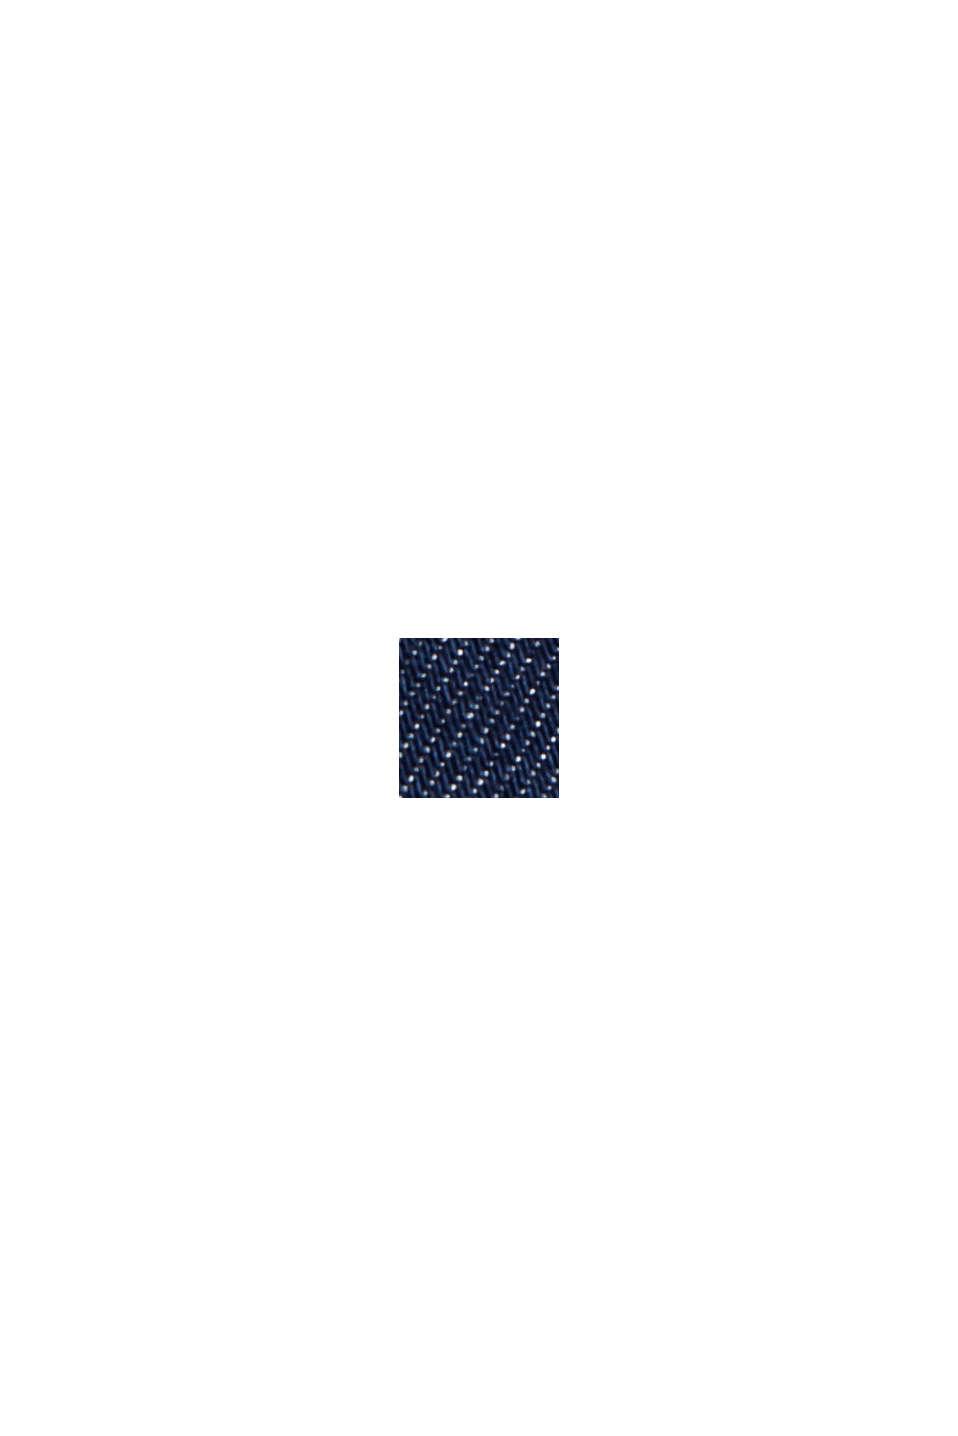 Jeans in chinostijl met biologisch katoen, BLUE DARK WASHED, swatch